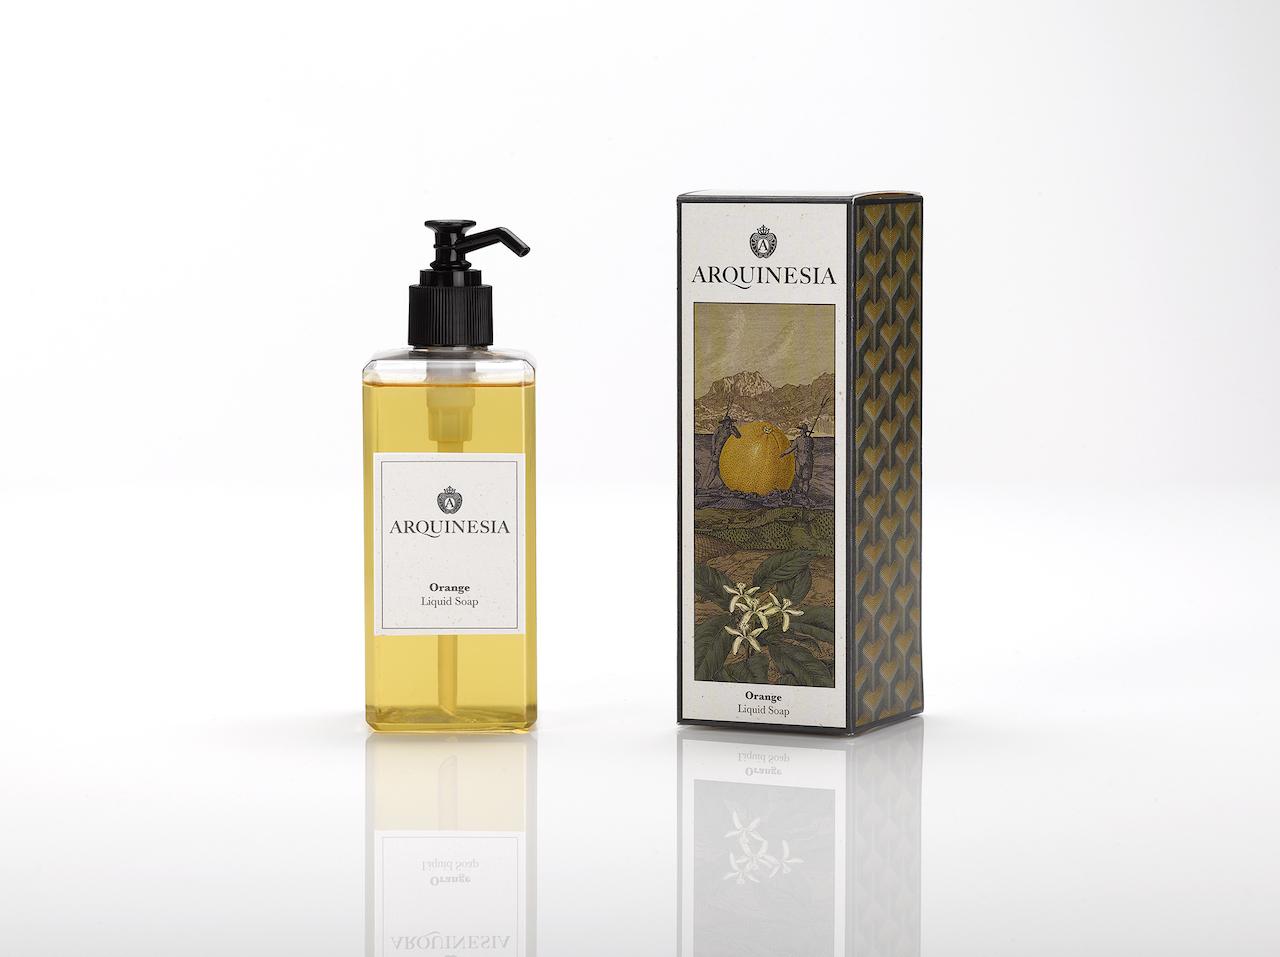 Die Arquinesia Flüssigseife reinigt sanft die Hände, ohne sie austrocknen zu lassen und hat einen erfrischenden Duft. Die Flüssigseife ist ein natürliches Produkt, vegan und frei von Silikon, Paraffin, Farbstoffen und synthetischen Konservierungsstoffen. 300 ml Flüssigseife mit dem Orangen Duft.